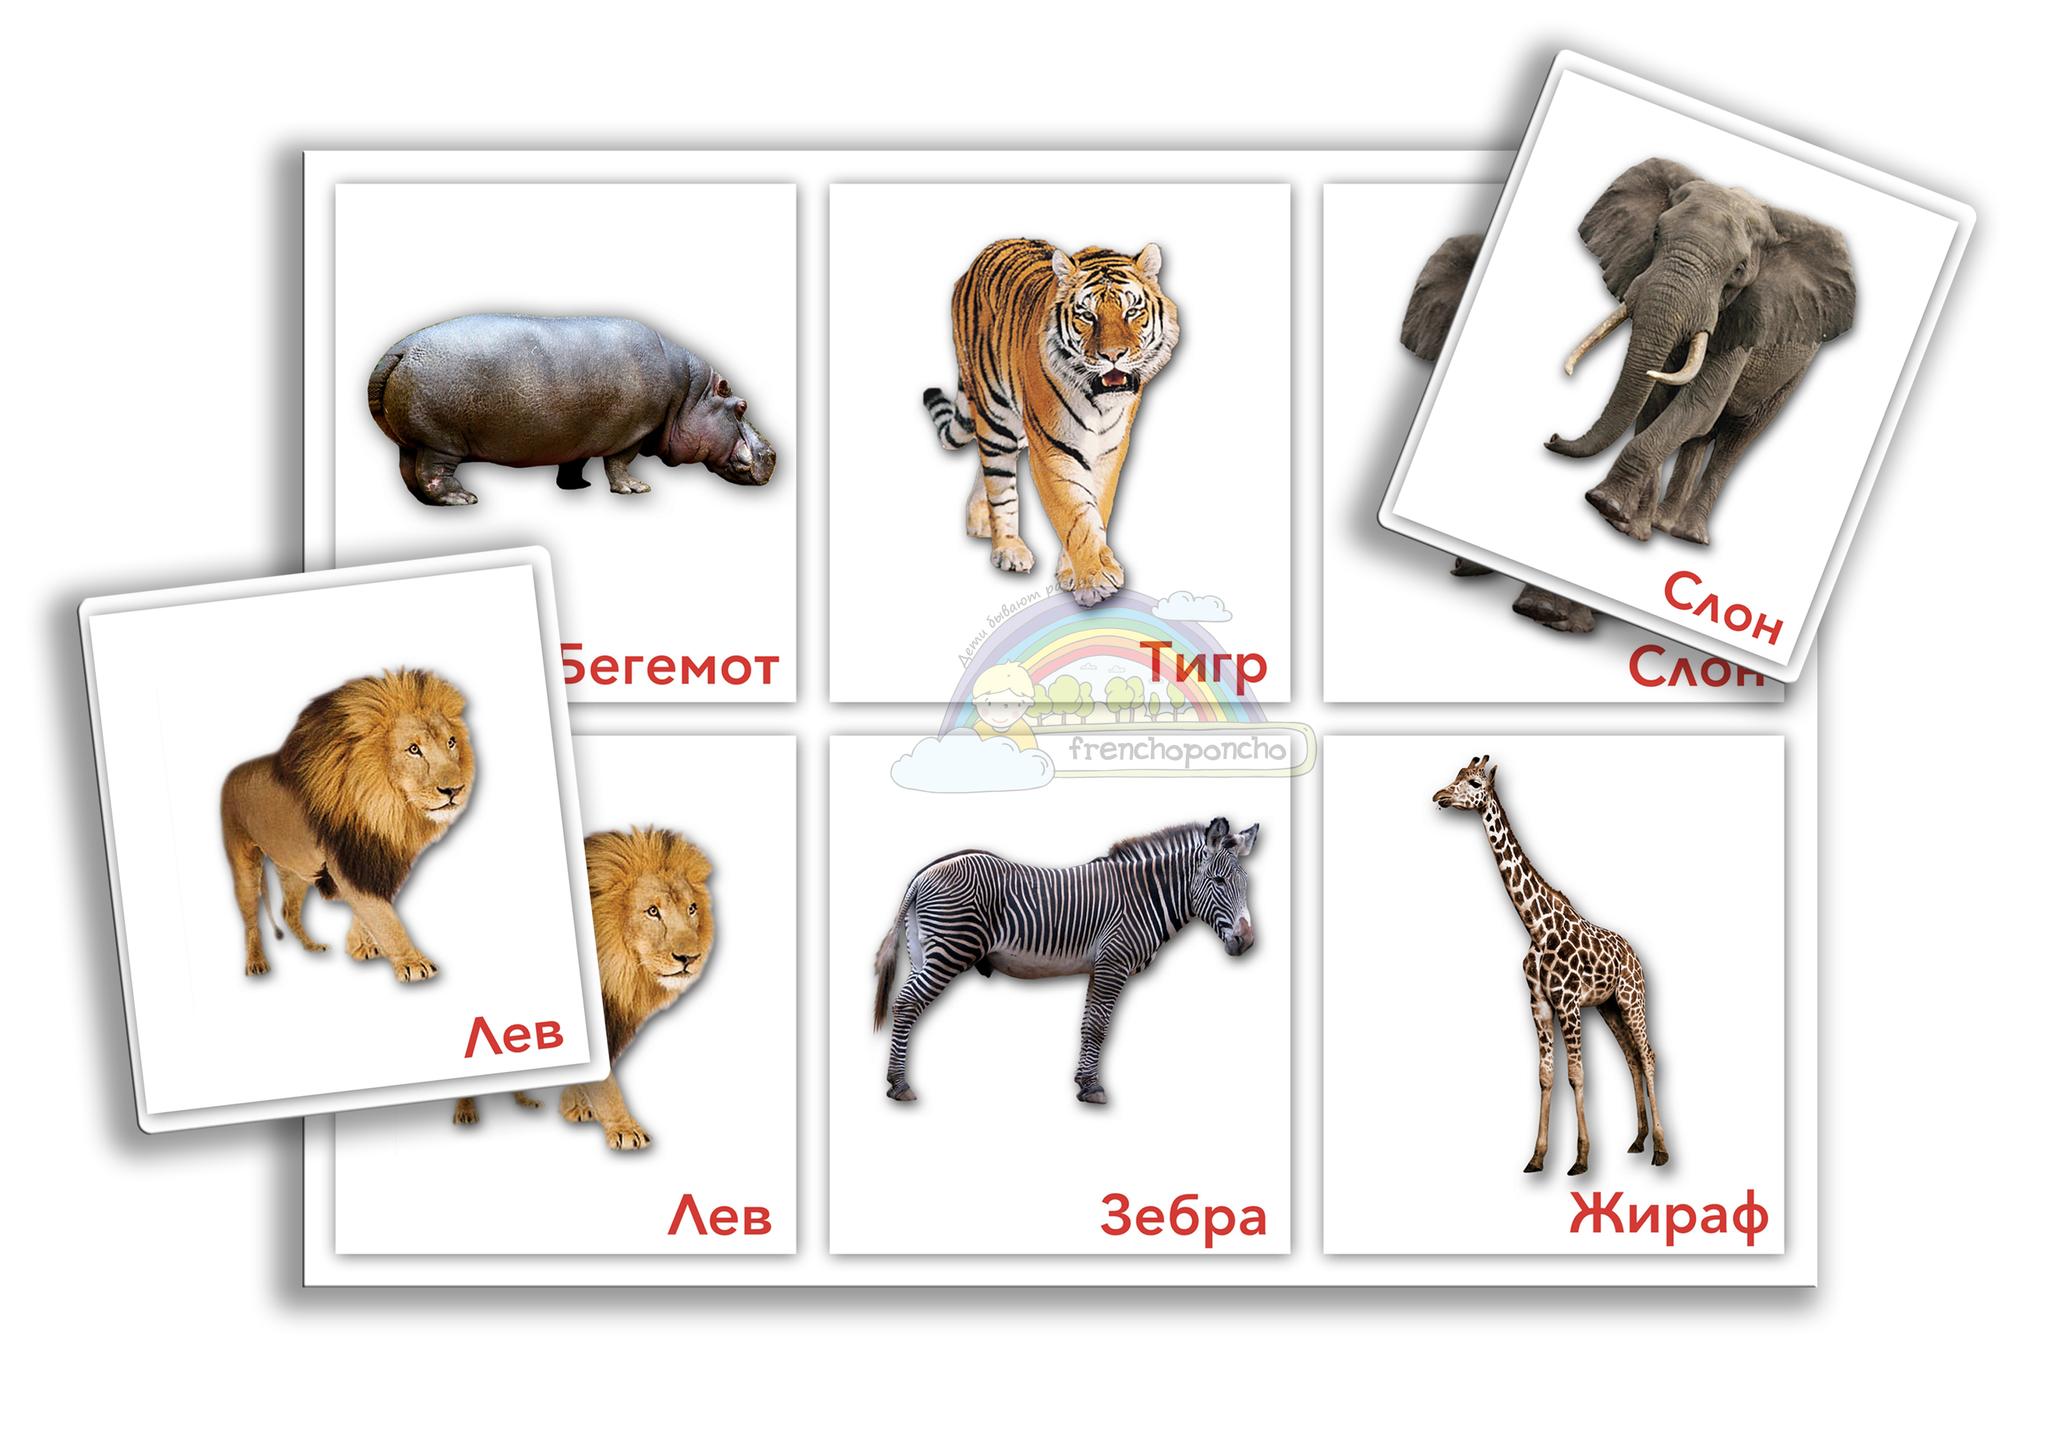 Животные южных стран. Слон и другие. Развивающие пособия на липучках Frenchoponcho (Френчопончо)